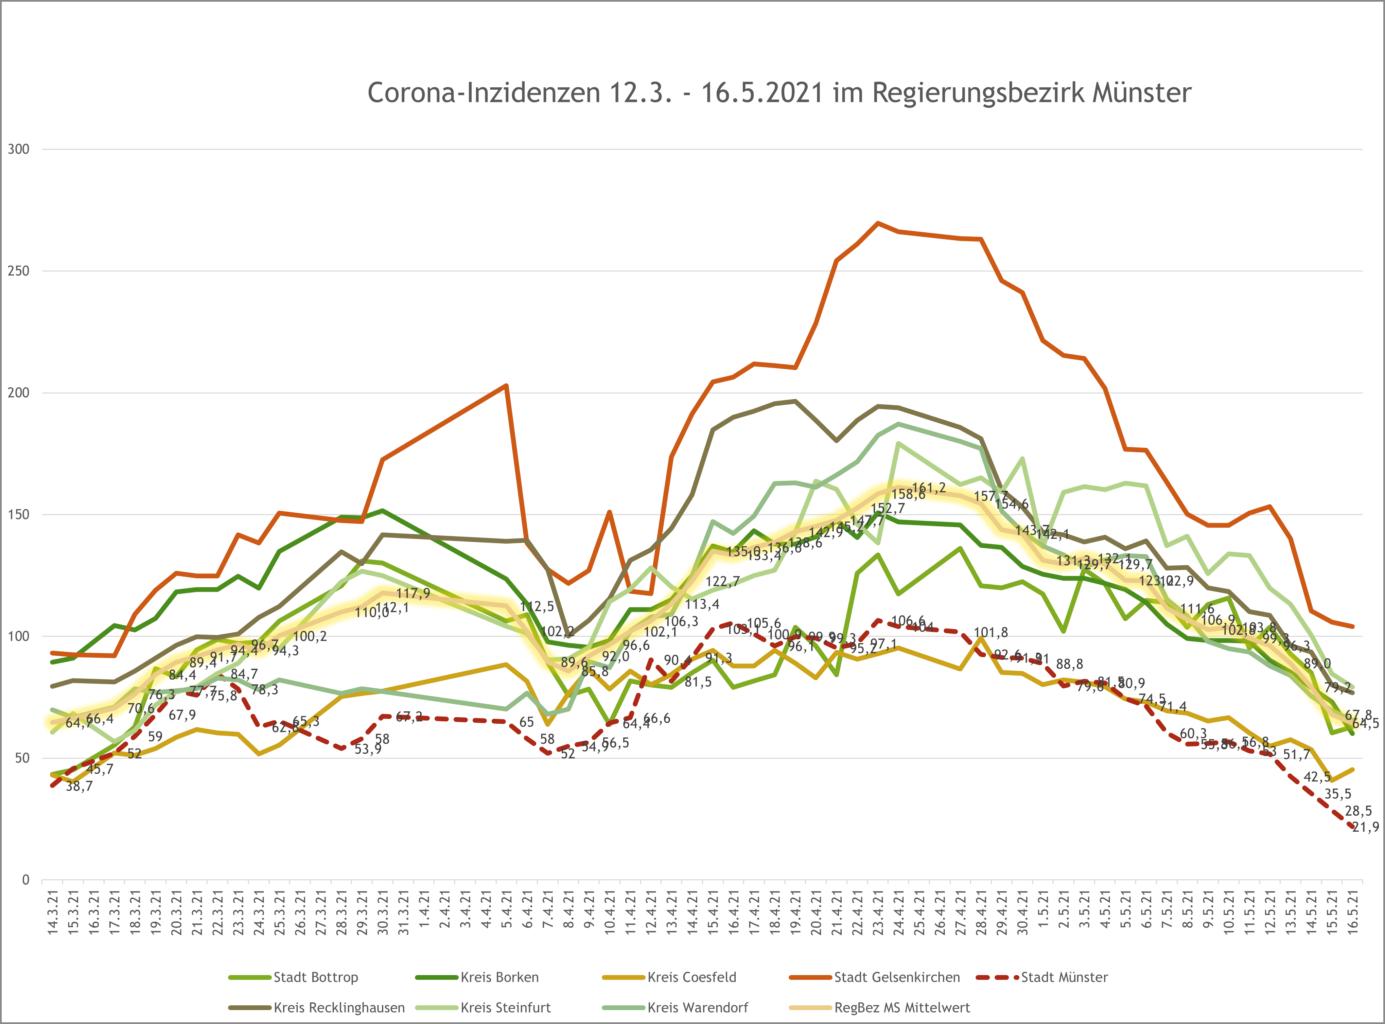 Inzidenzzahlen im Regierungsbezirk Münster zum 16.5.2021